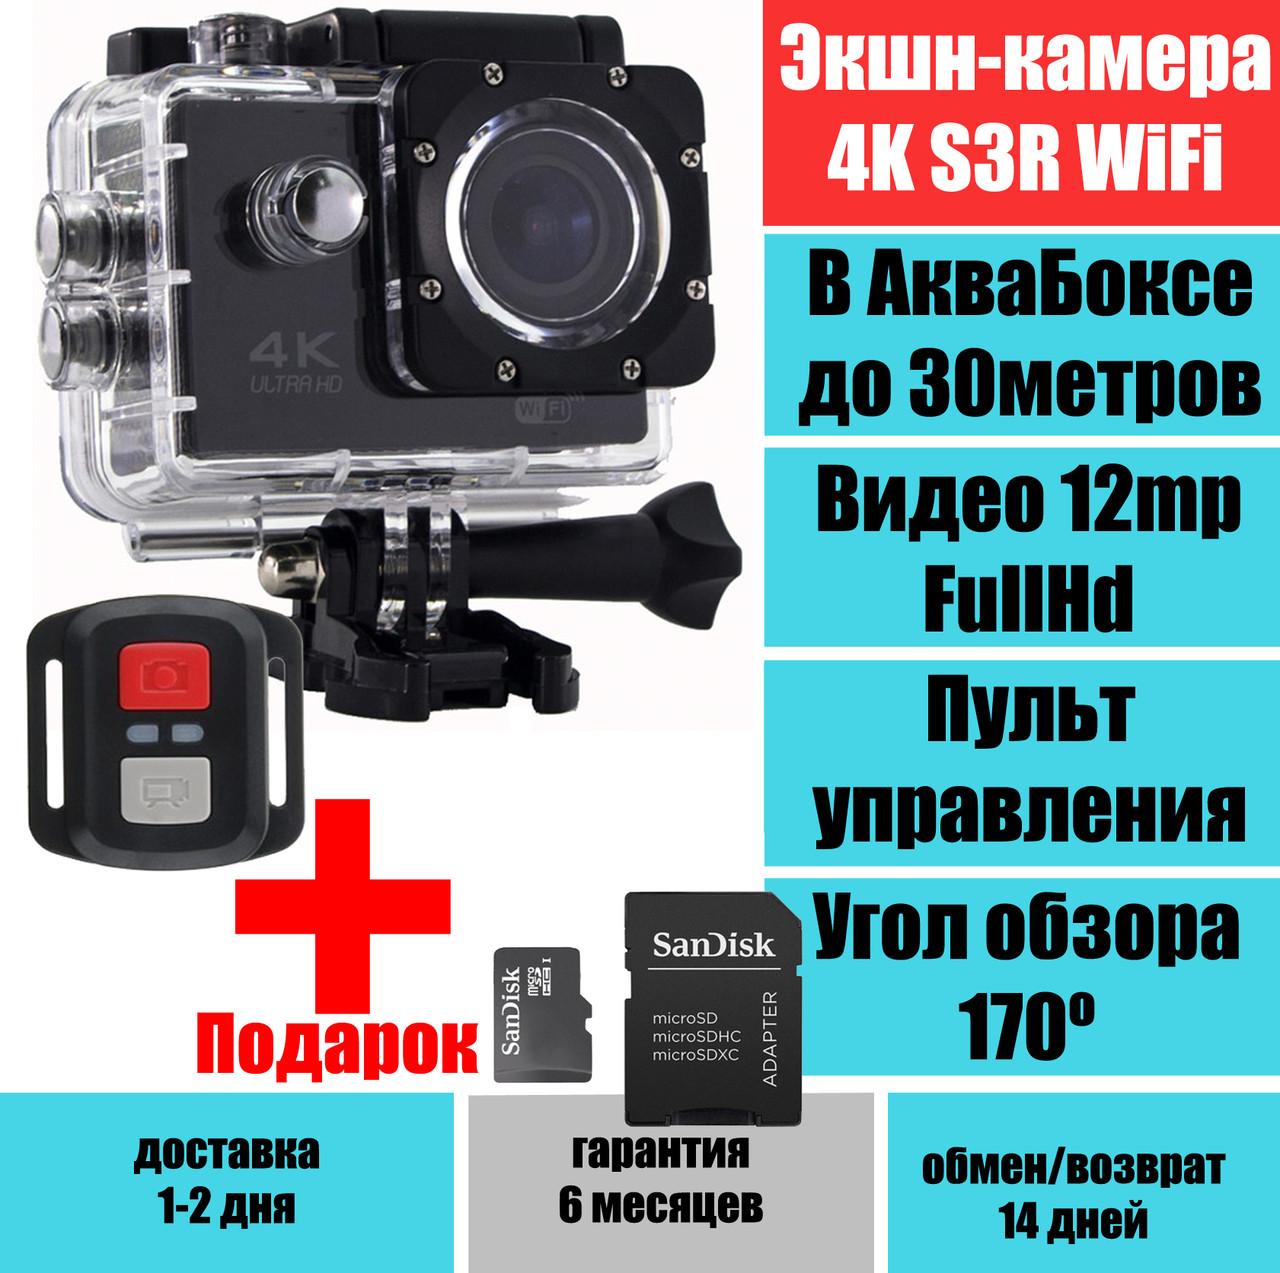 Экшн камера DVR SPORT S3R WIFI с аквабоксом и пультом, FullHD 12mp, обзор 170гр, видеорегистратор + карта 16gb